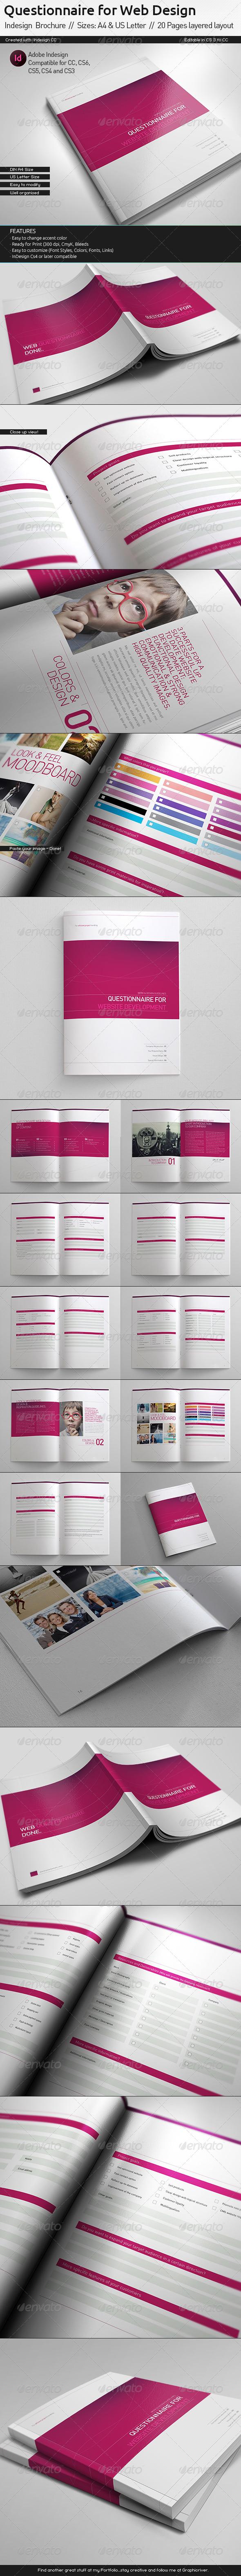 GraphicRiver Questionnaire Web Design Proposal 6093543